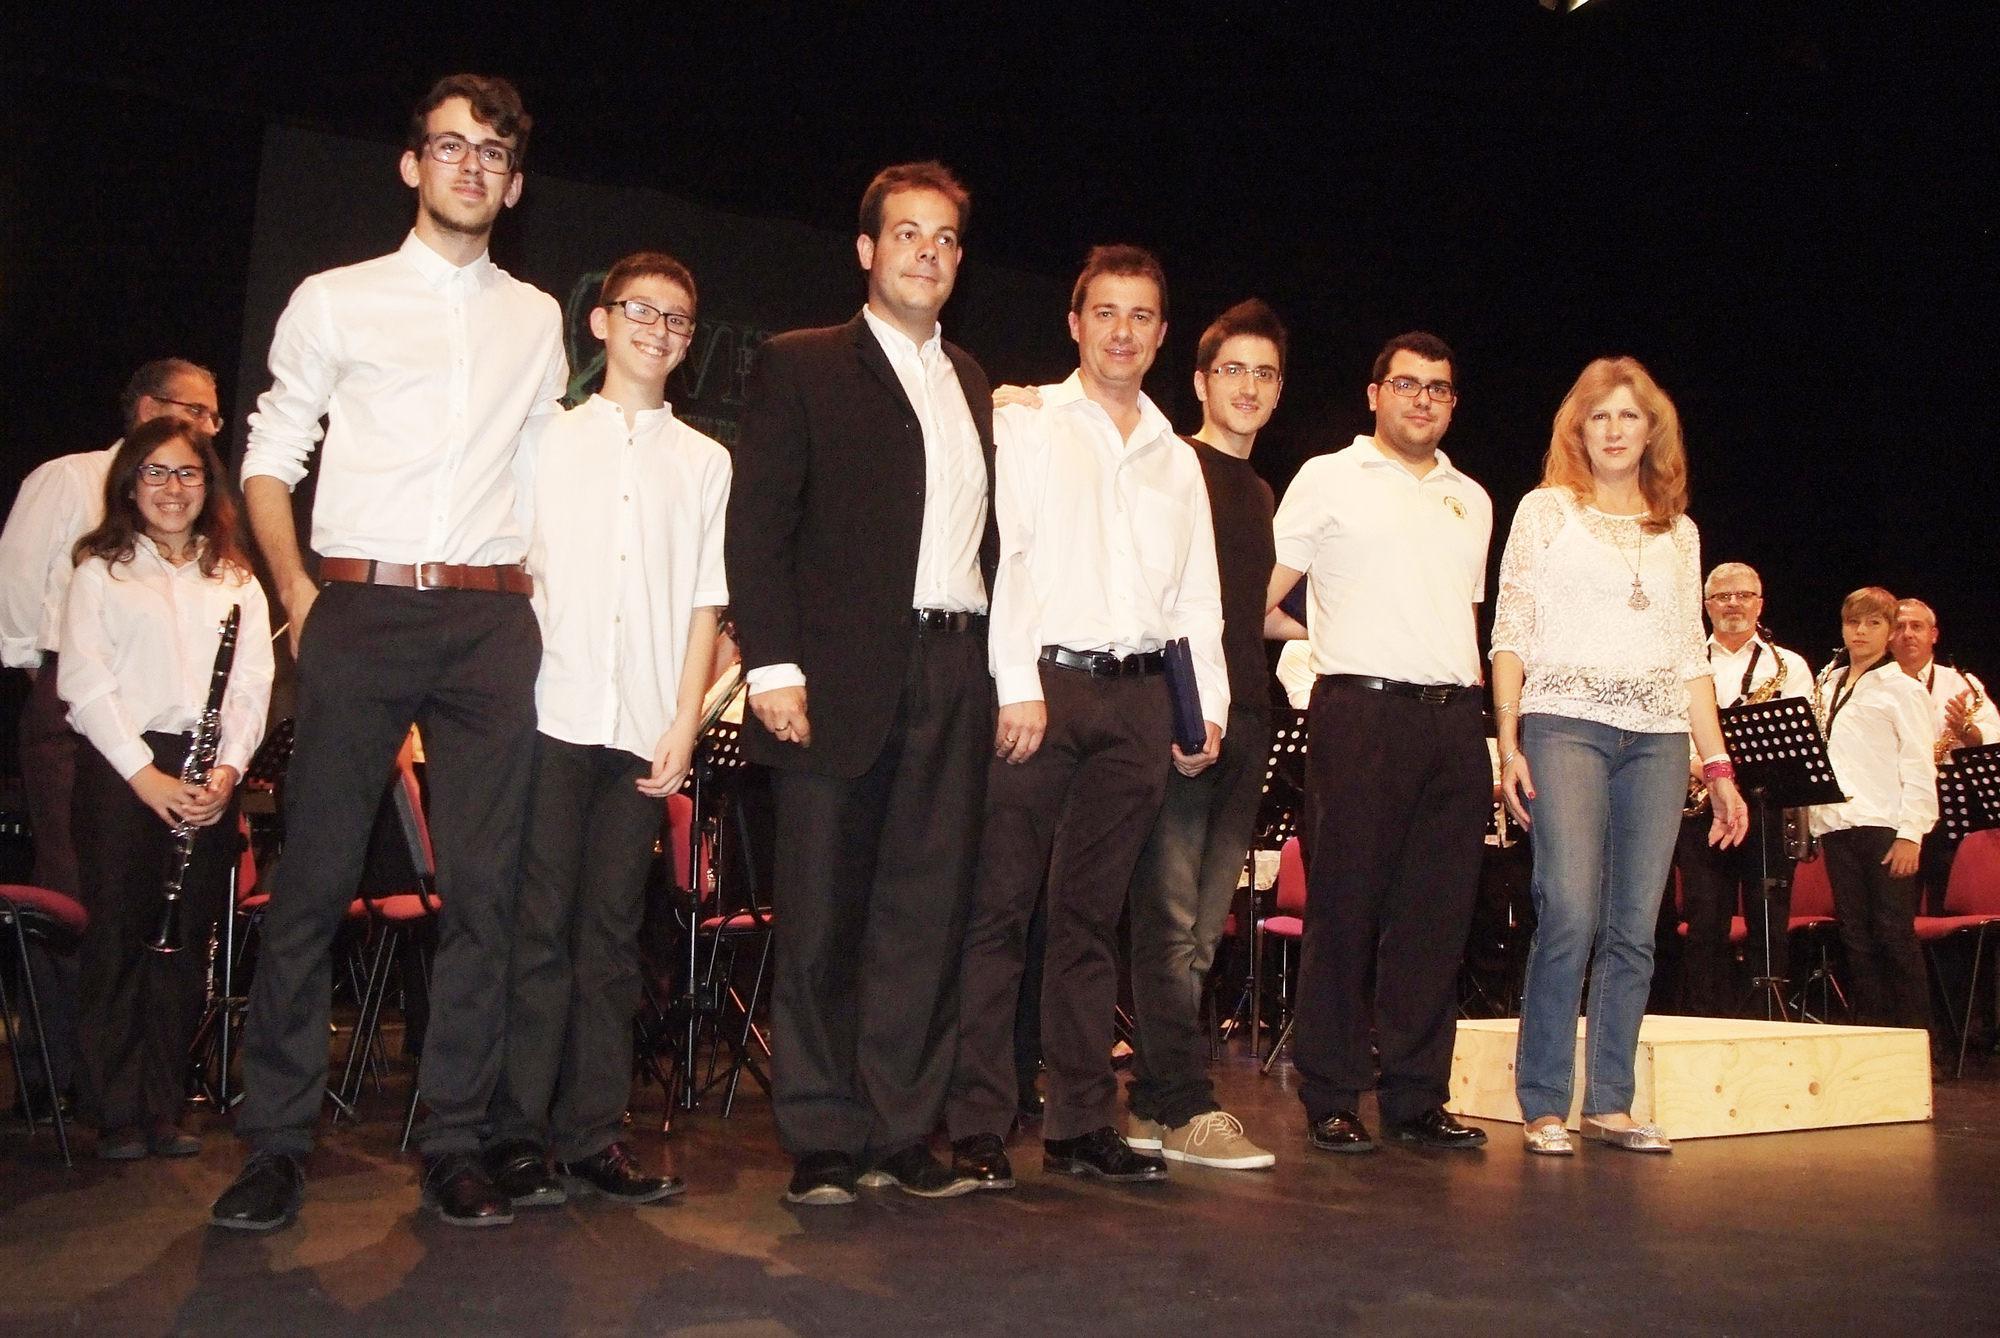 VI Certamen Provincial de Bandas de Música Juveniles con Roquetas, Gádor y Alhama